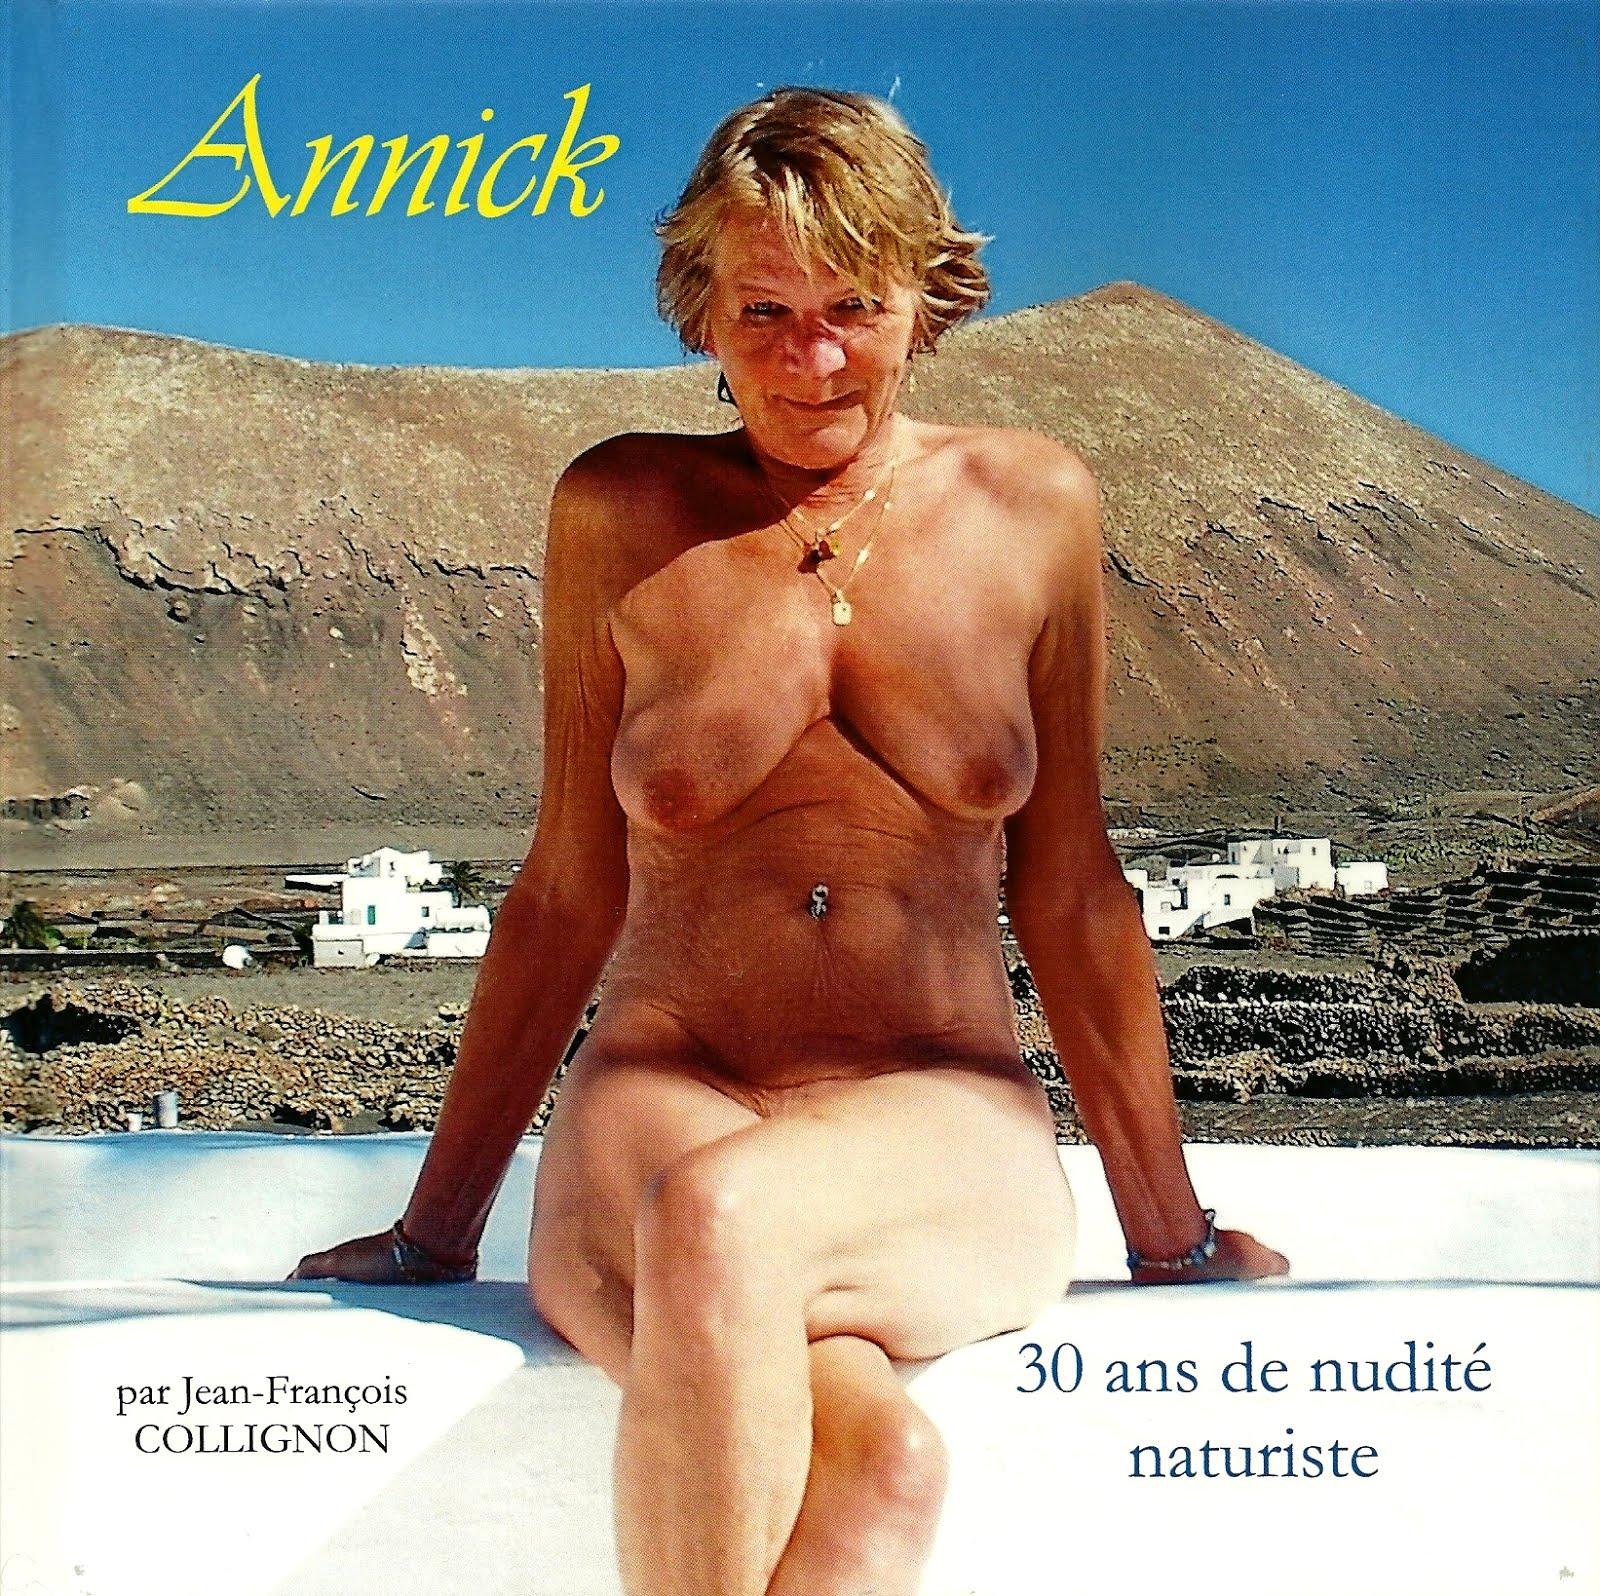 30 ans de nudité photographiée.